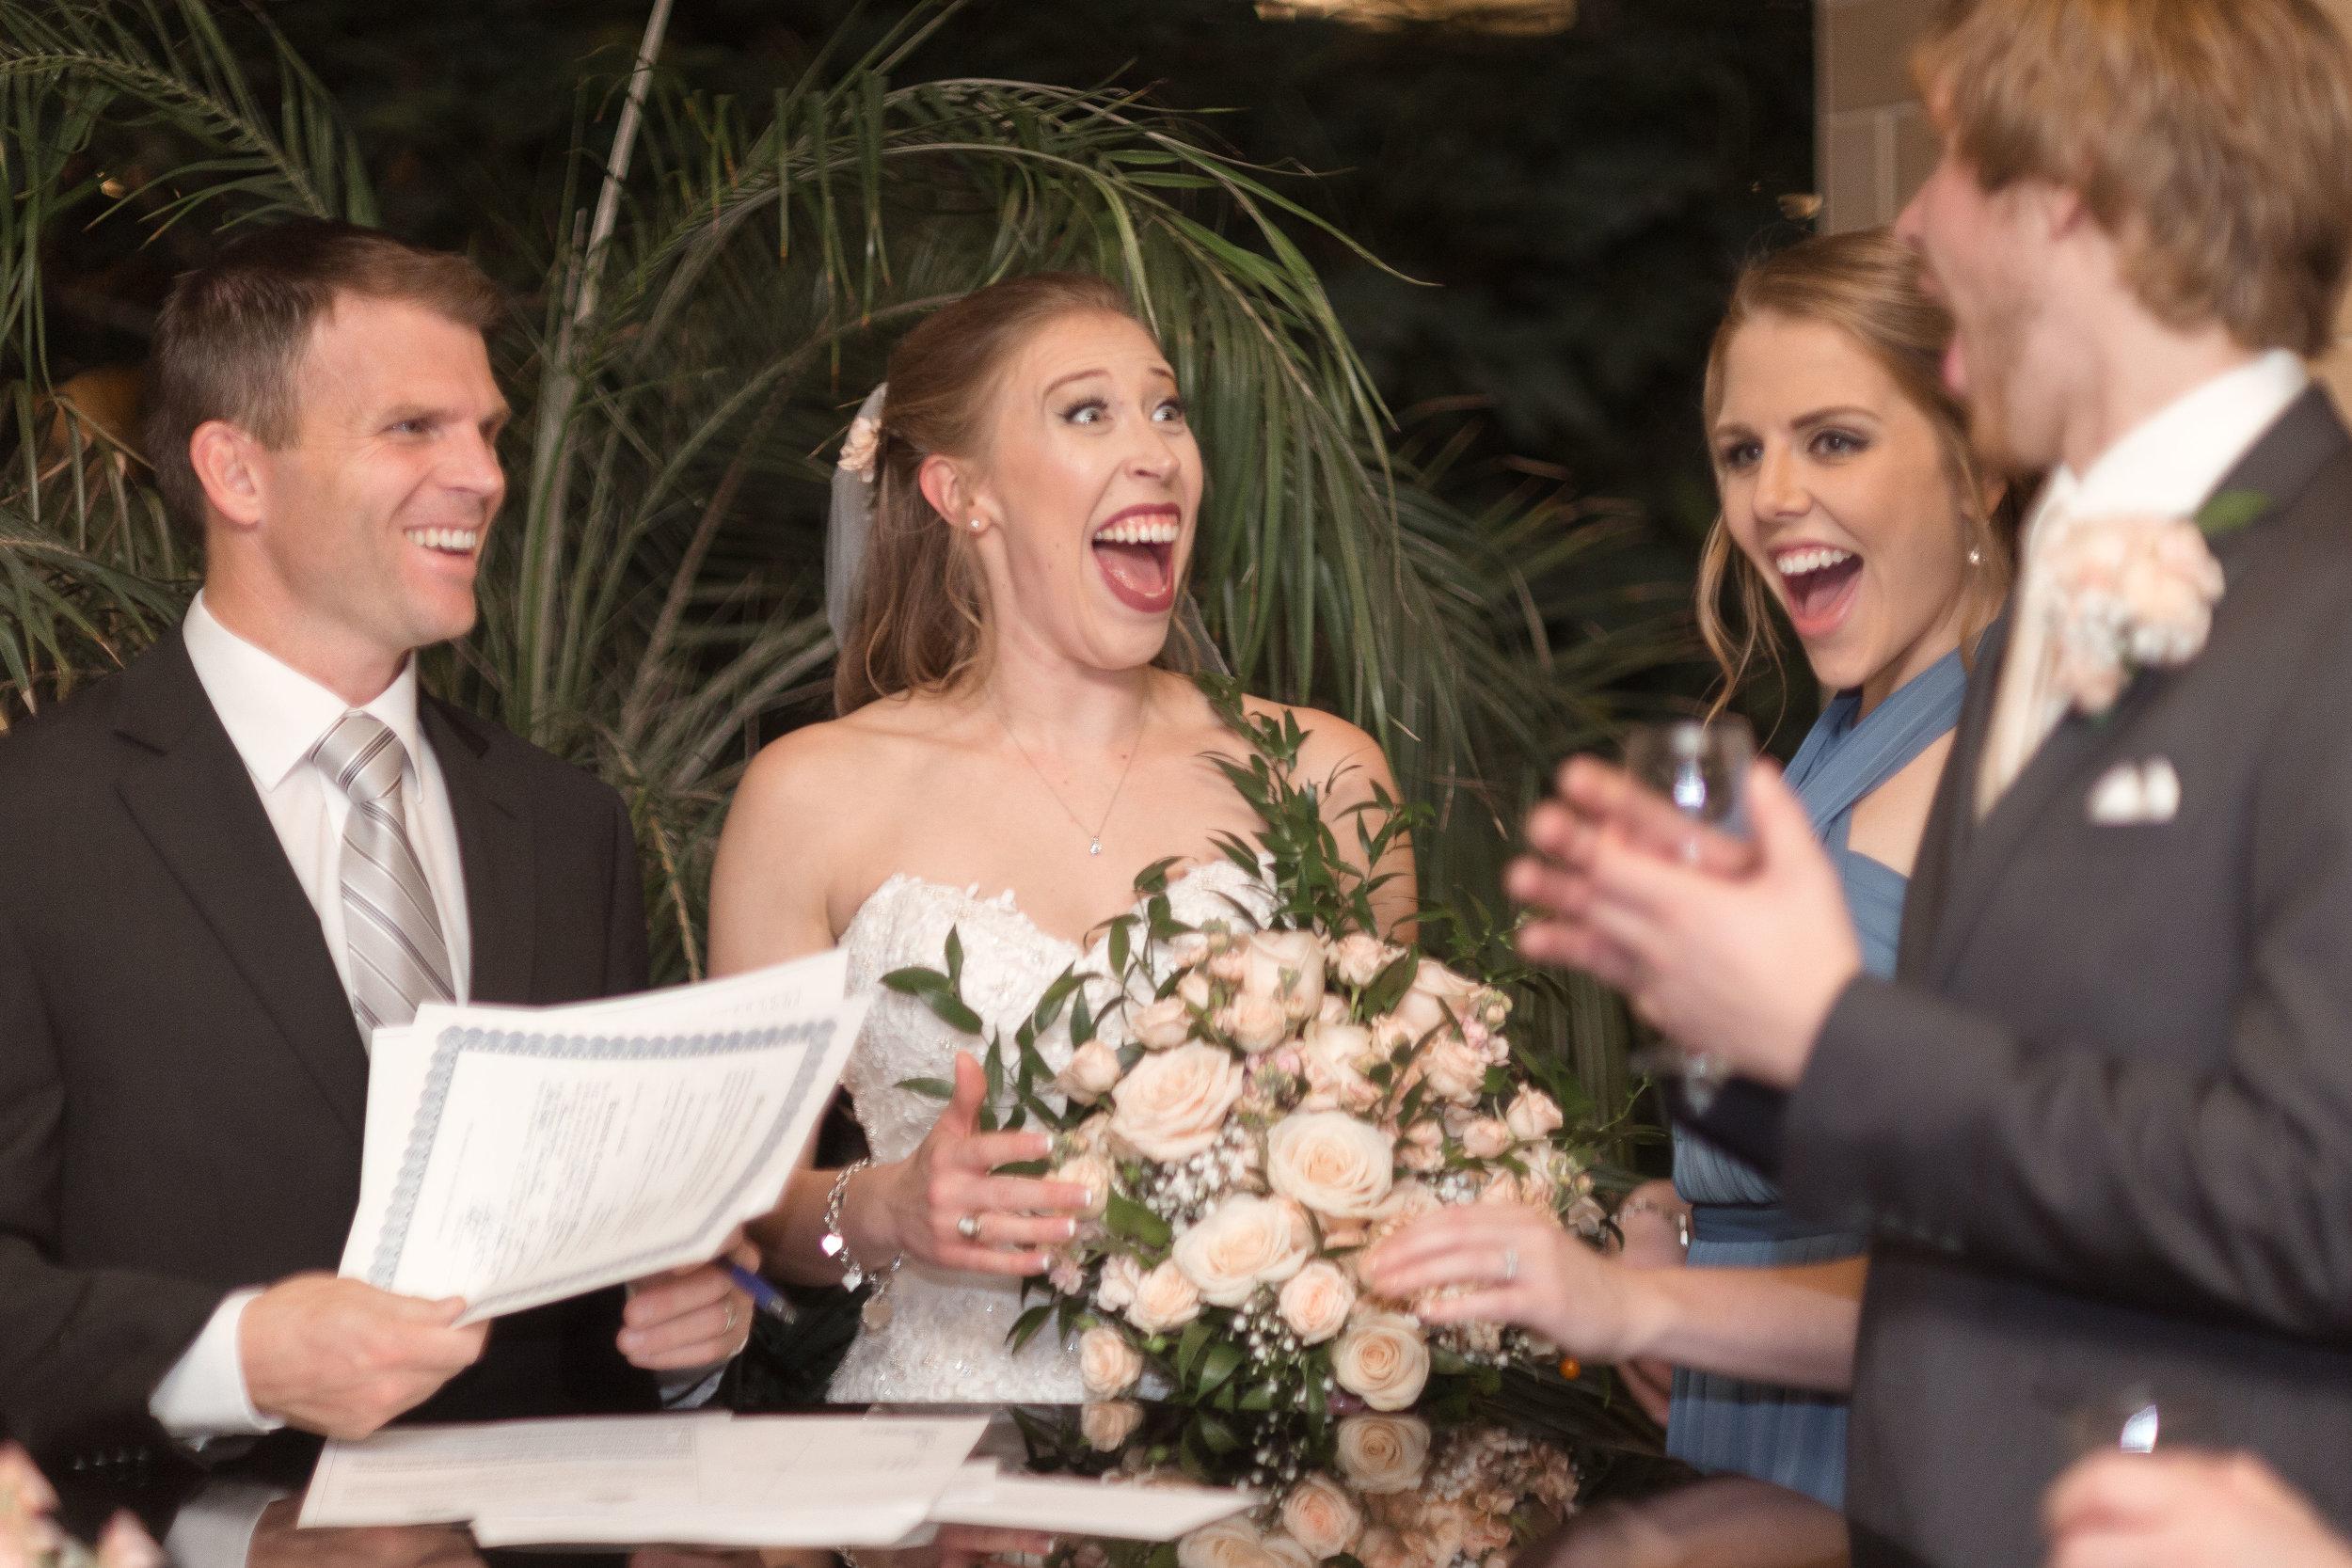 C_Wedding_Spellman, Megan & Tyler_10.27.18-1714.JPG